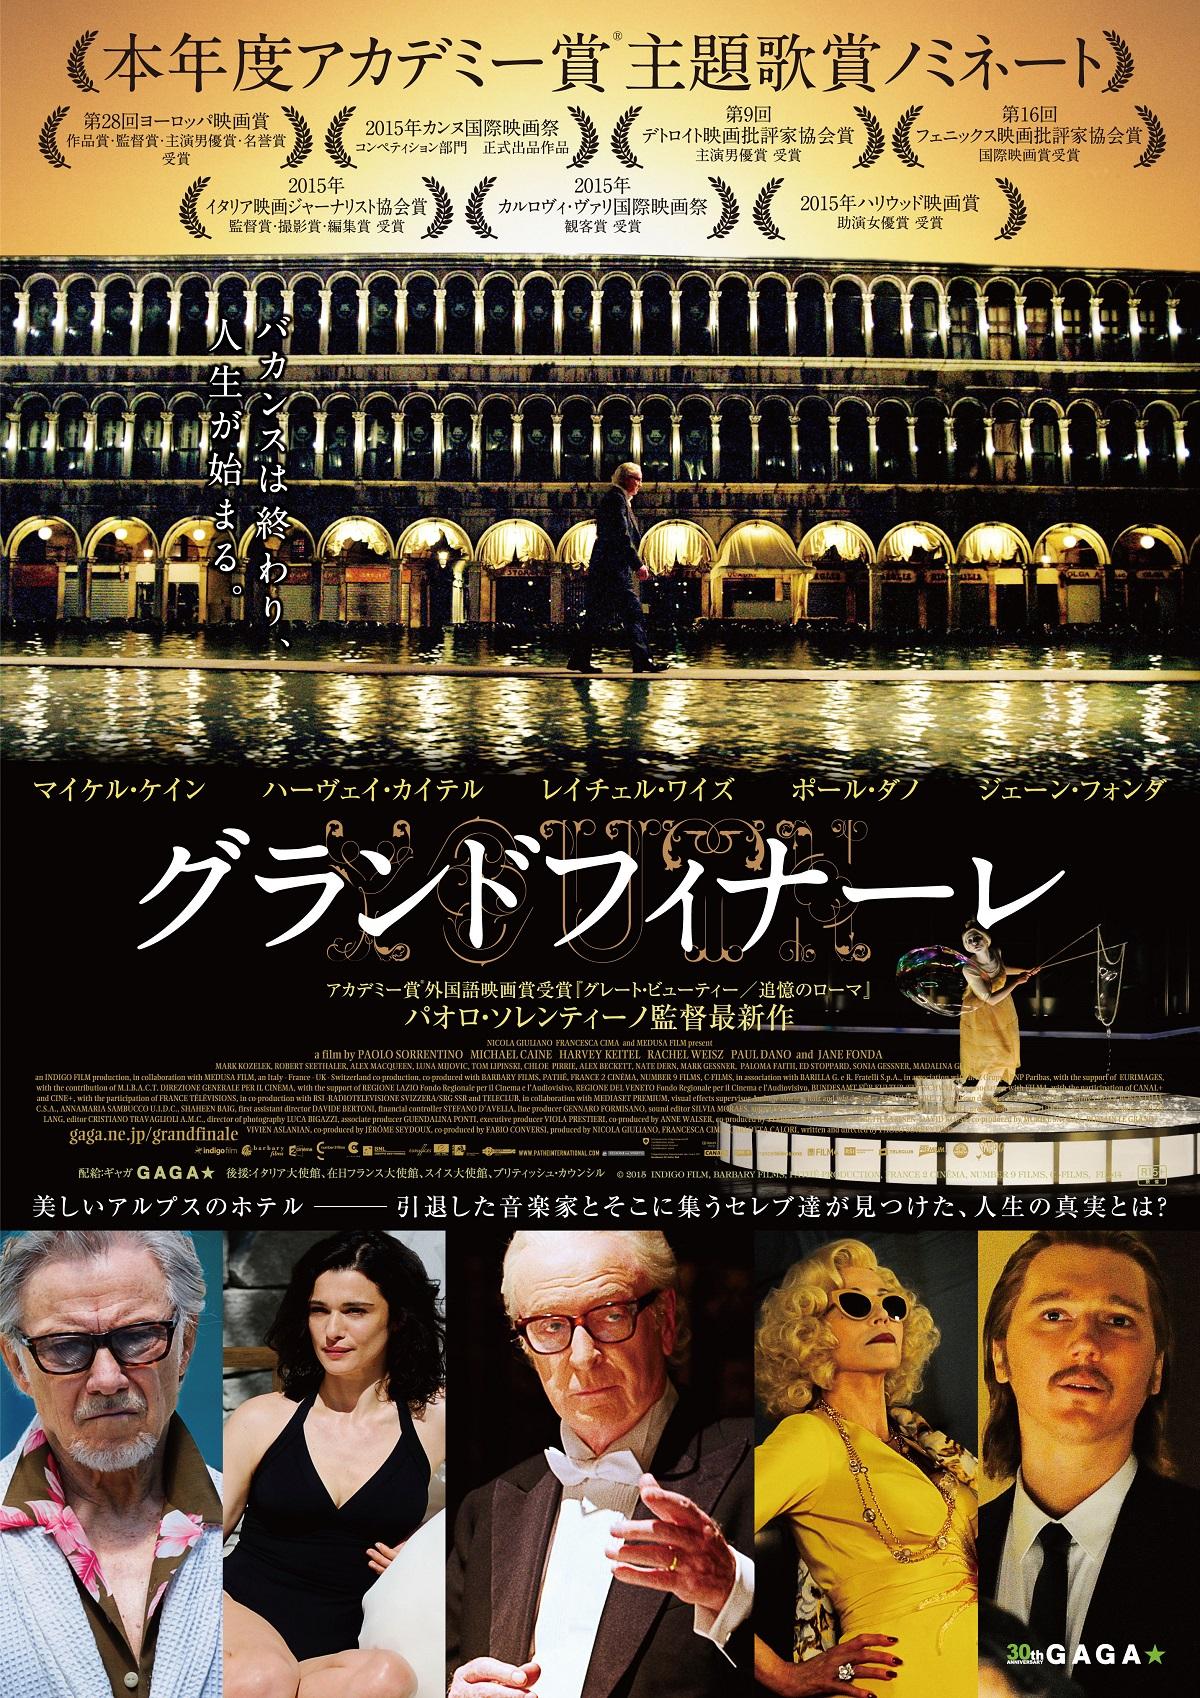 【映画】カンヌに愛された奇才パオロ・ソレンティーノ 4月16日公開 「グランドフィナーレ」